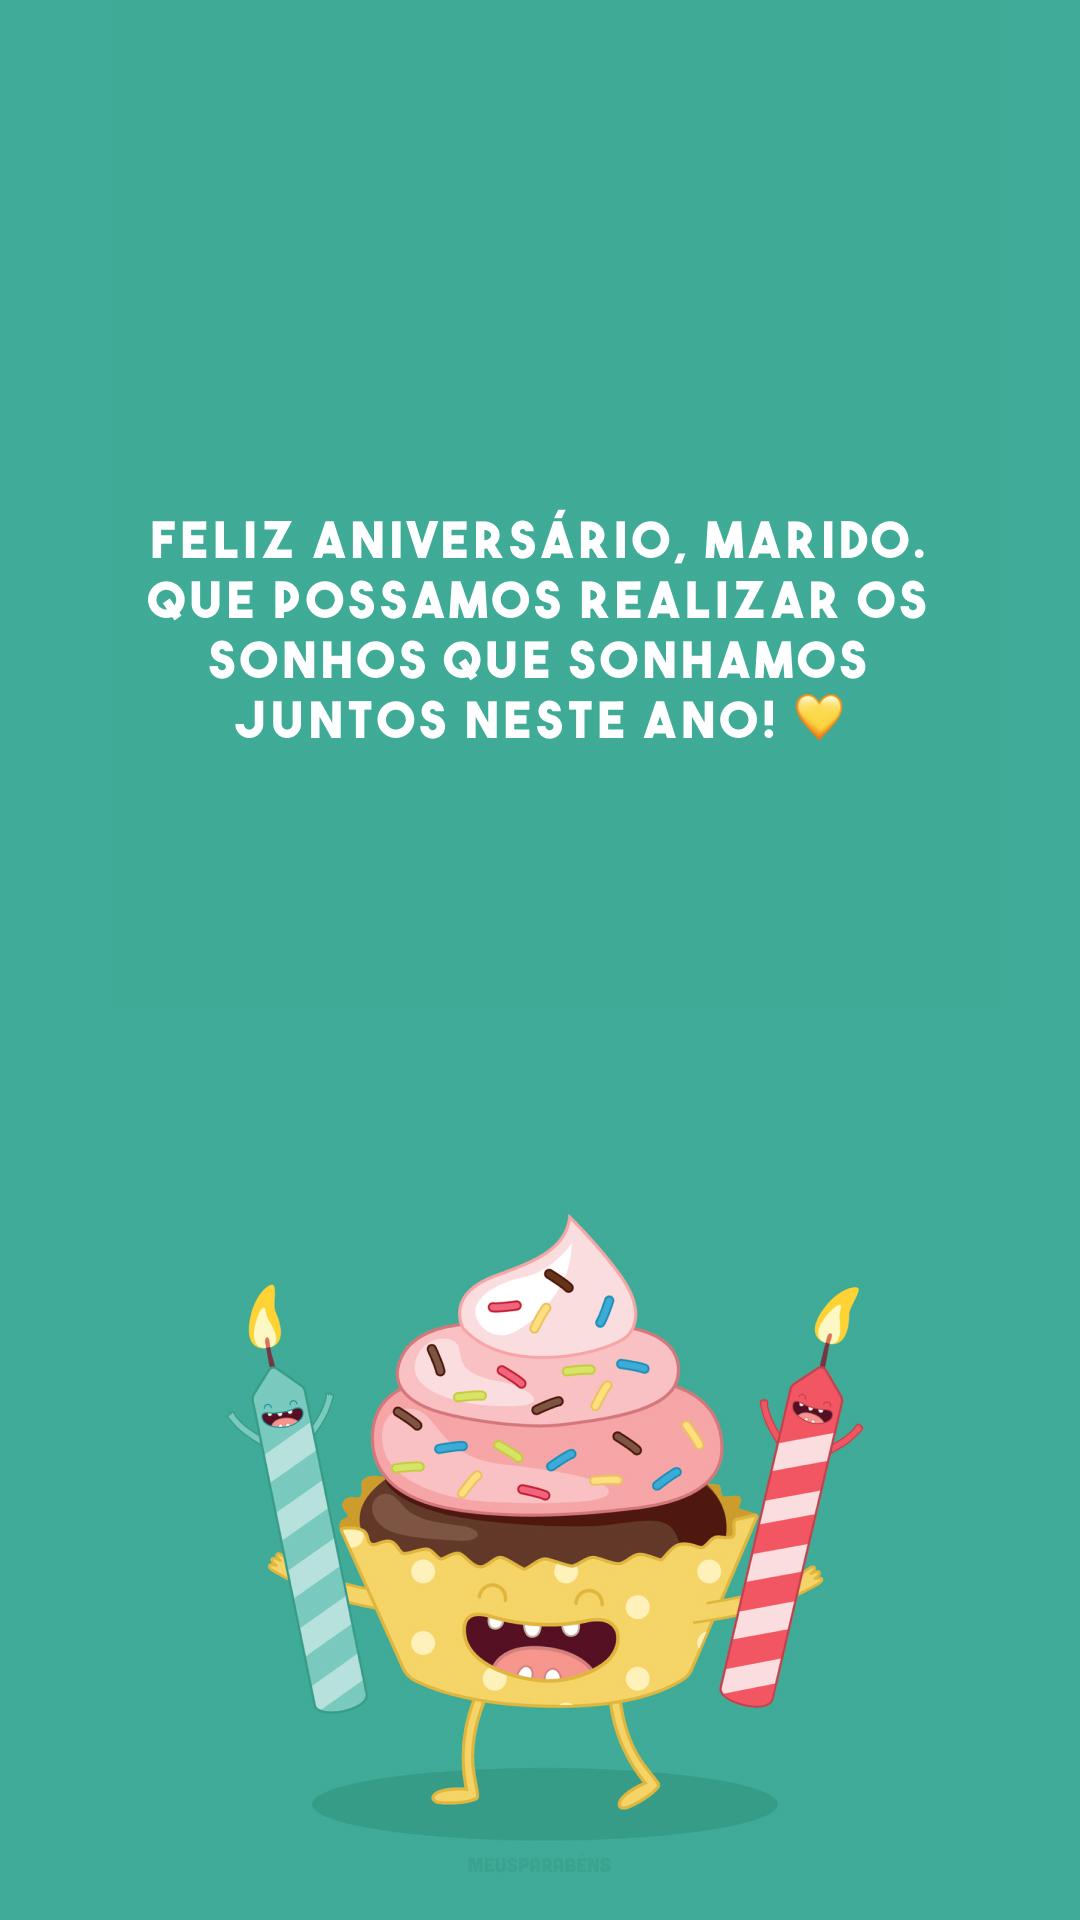 Feliz aniversário, marido. Que possamos realizar os sonhos que sonhamos juntos neste ano! 💛